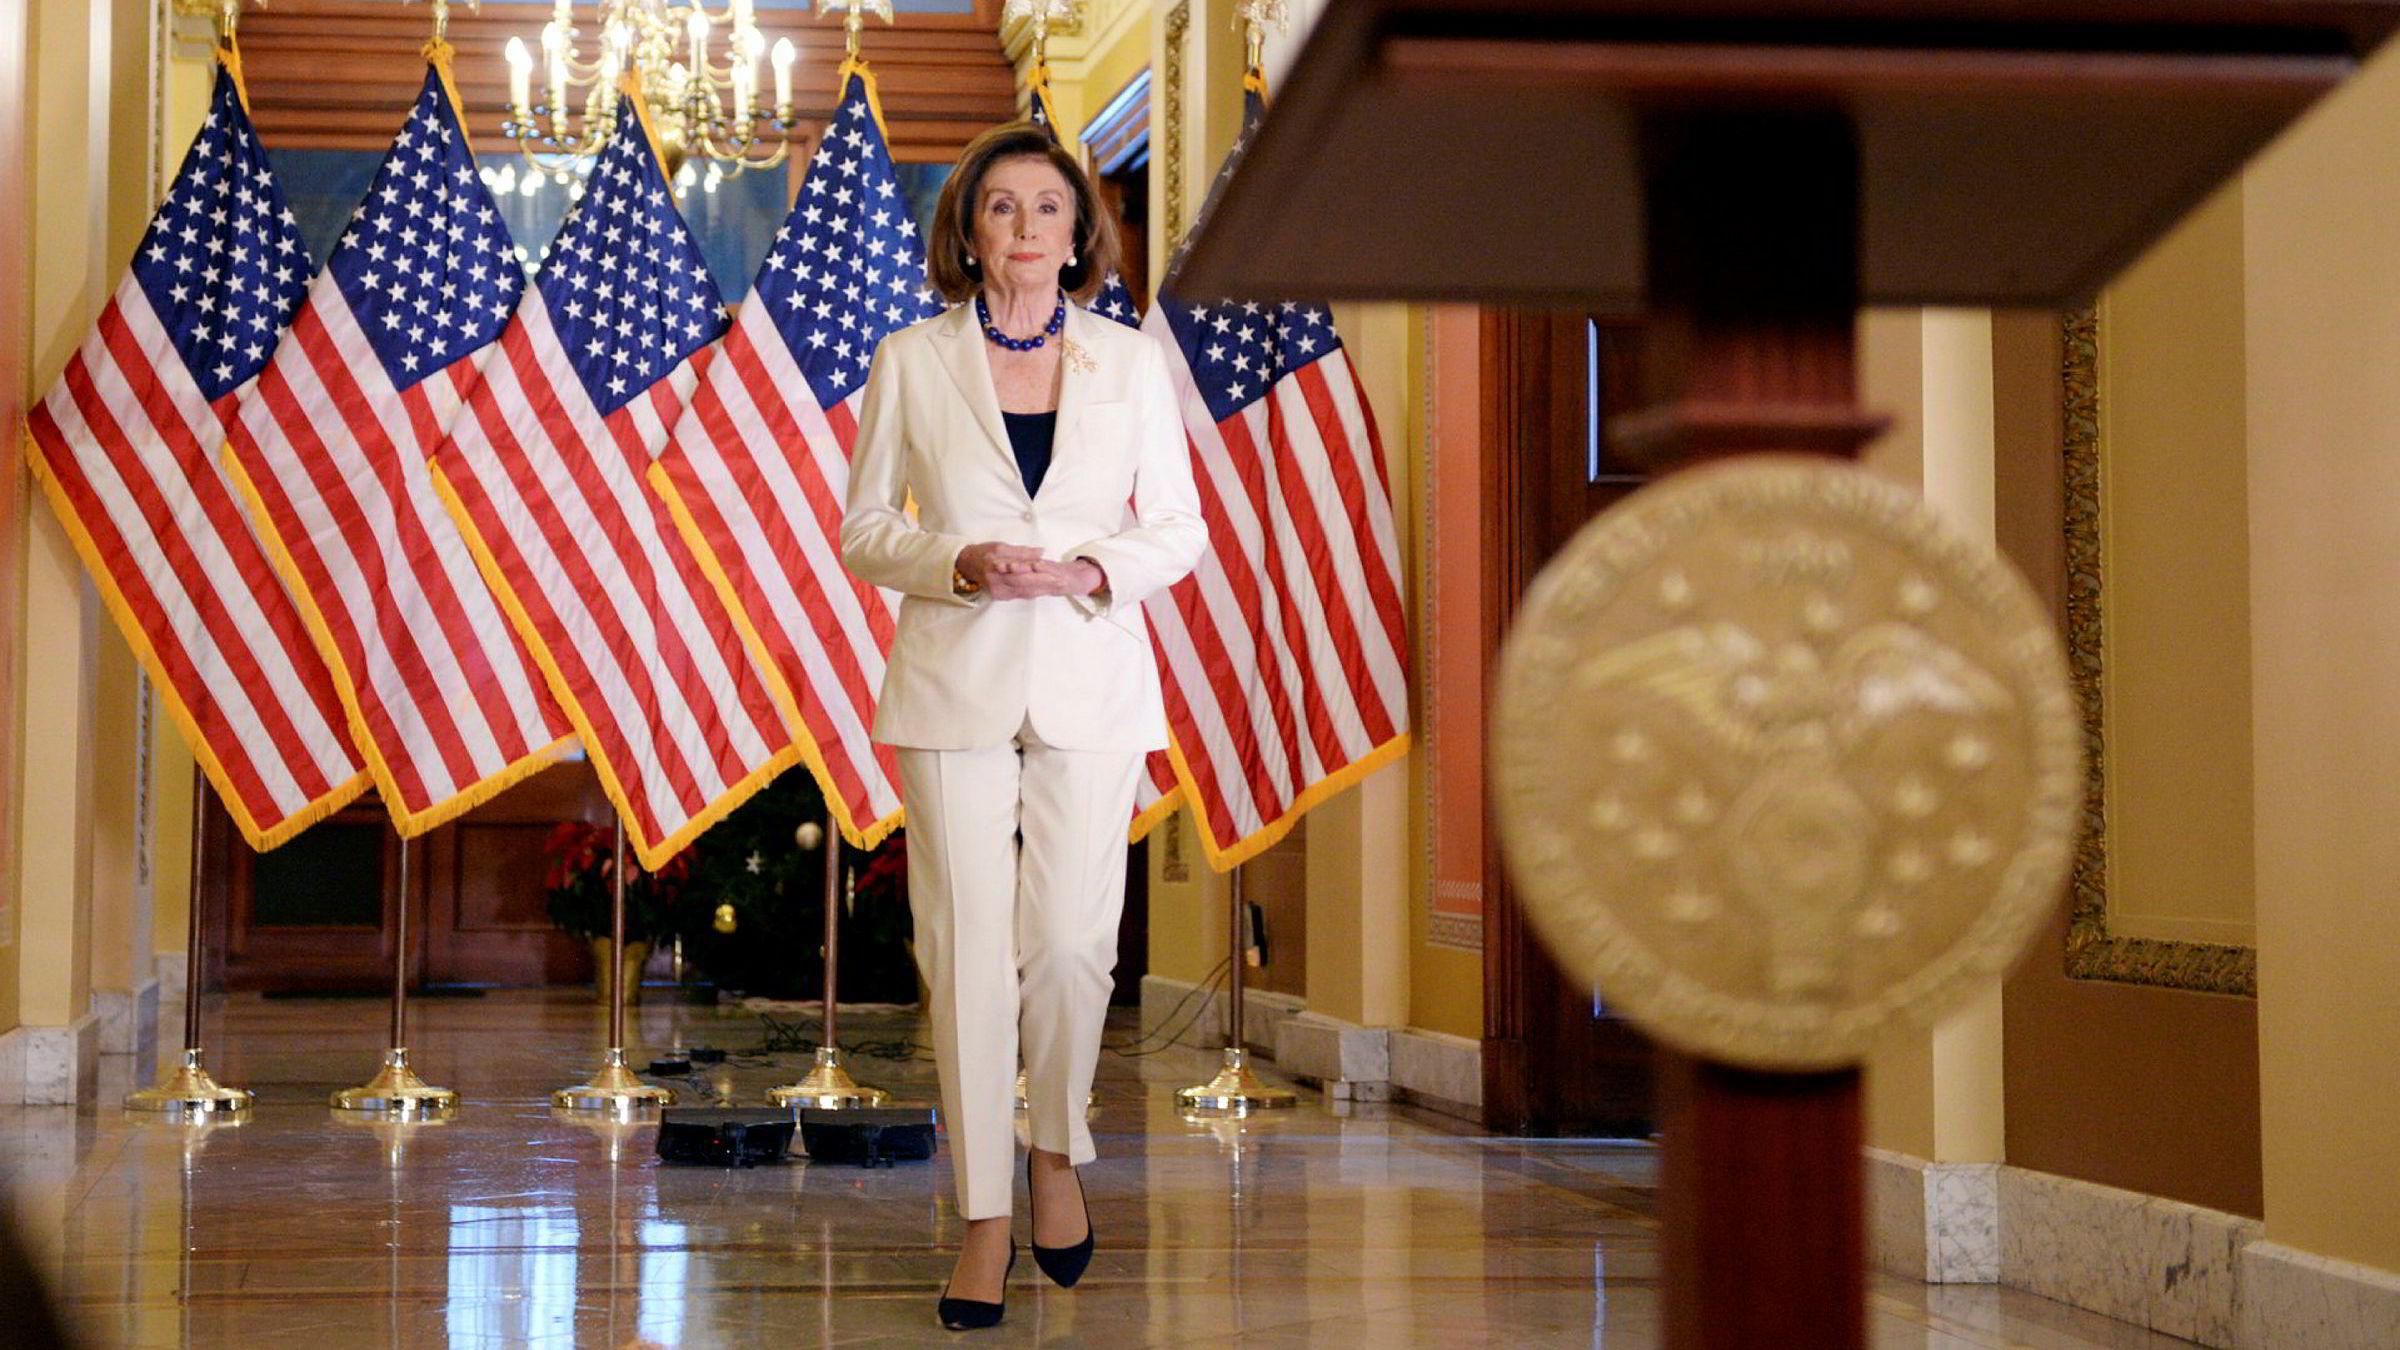 Speaker Nancy Pelosi kunngjorde før helgen at det går mot riksrettssak mot president Donald Trump. Trump blir neppe dømt, men regler og normer går en uviss fremtid i møte, mener artikkelforfatteren.